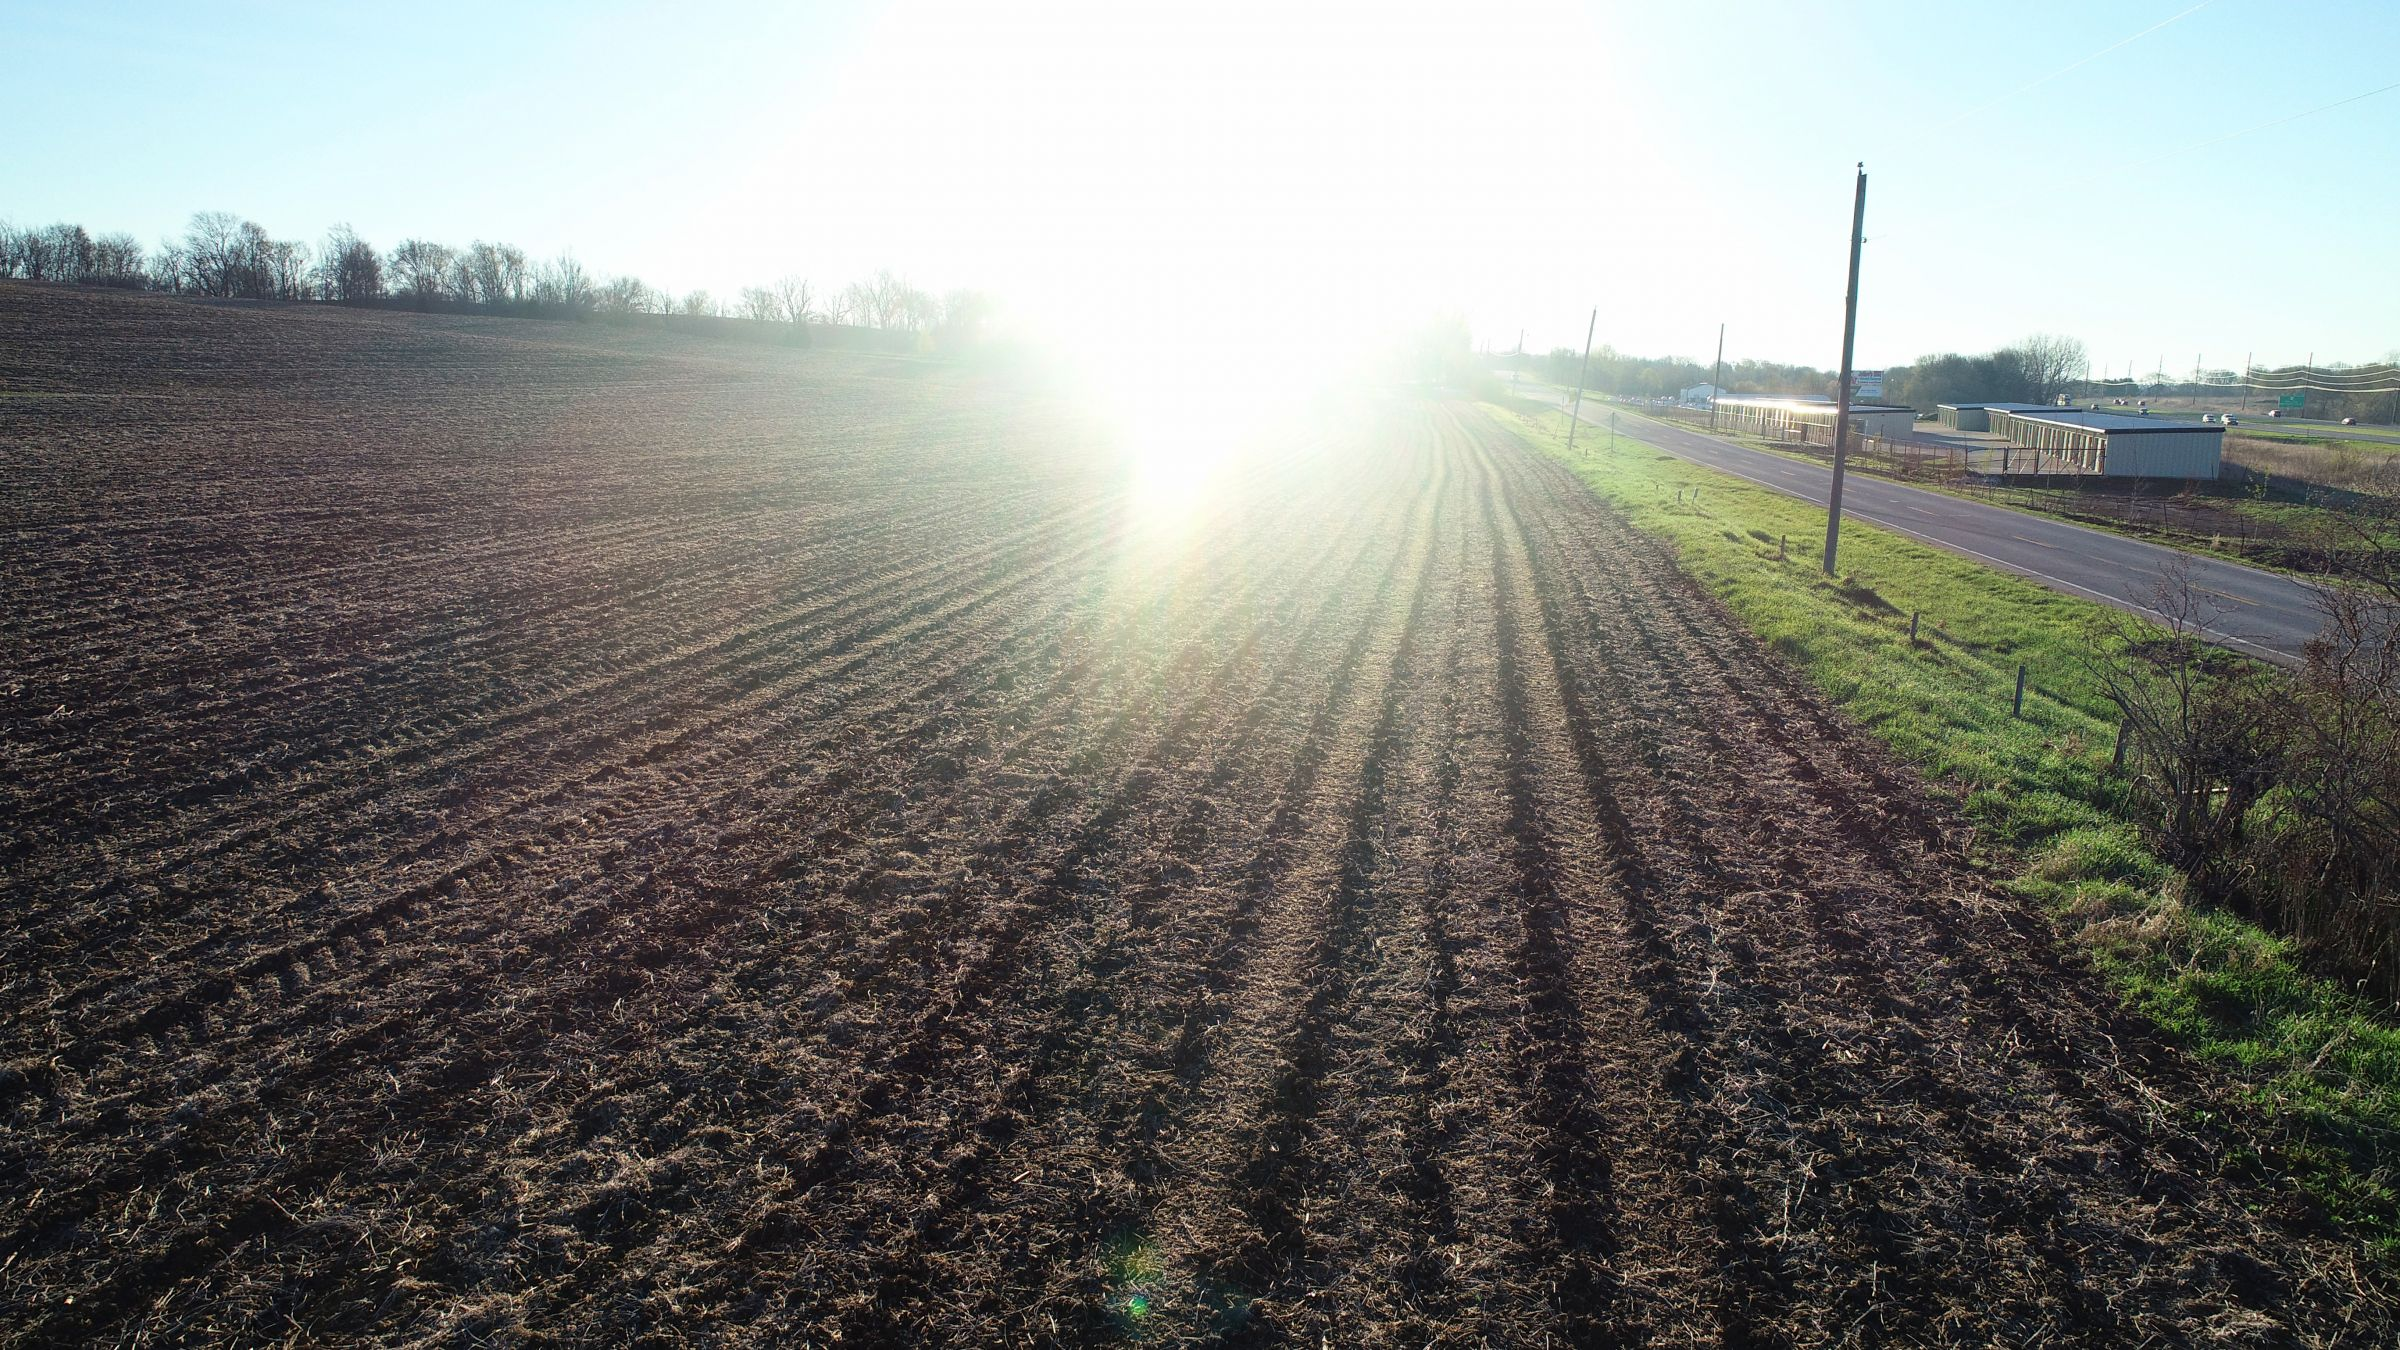 14492-80-acres-ml-polk-county-iowa-7-2019-04-19-145940.jpg